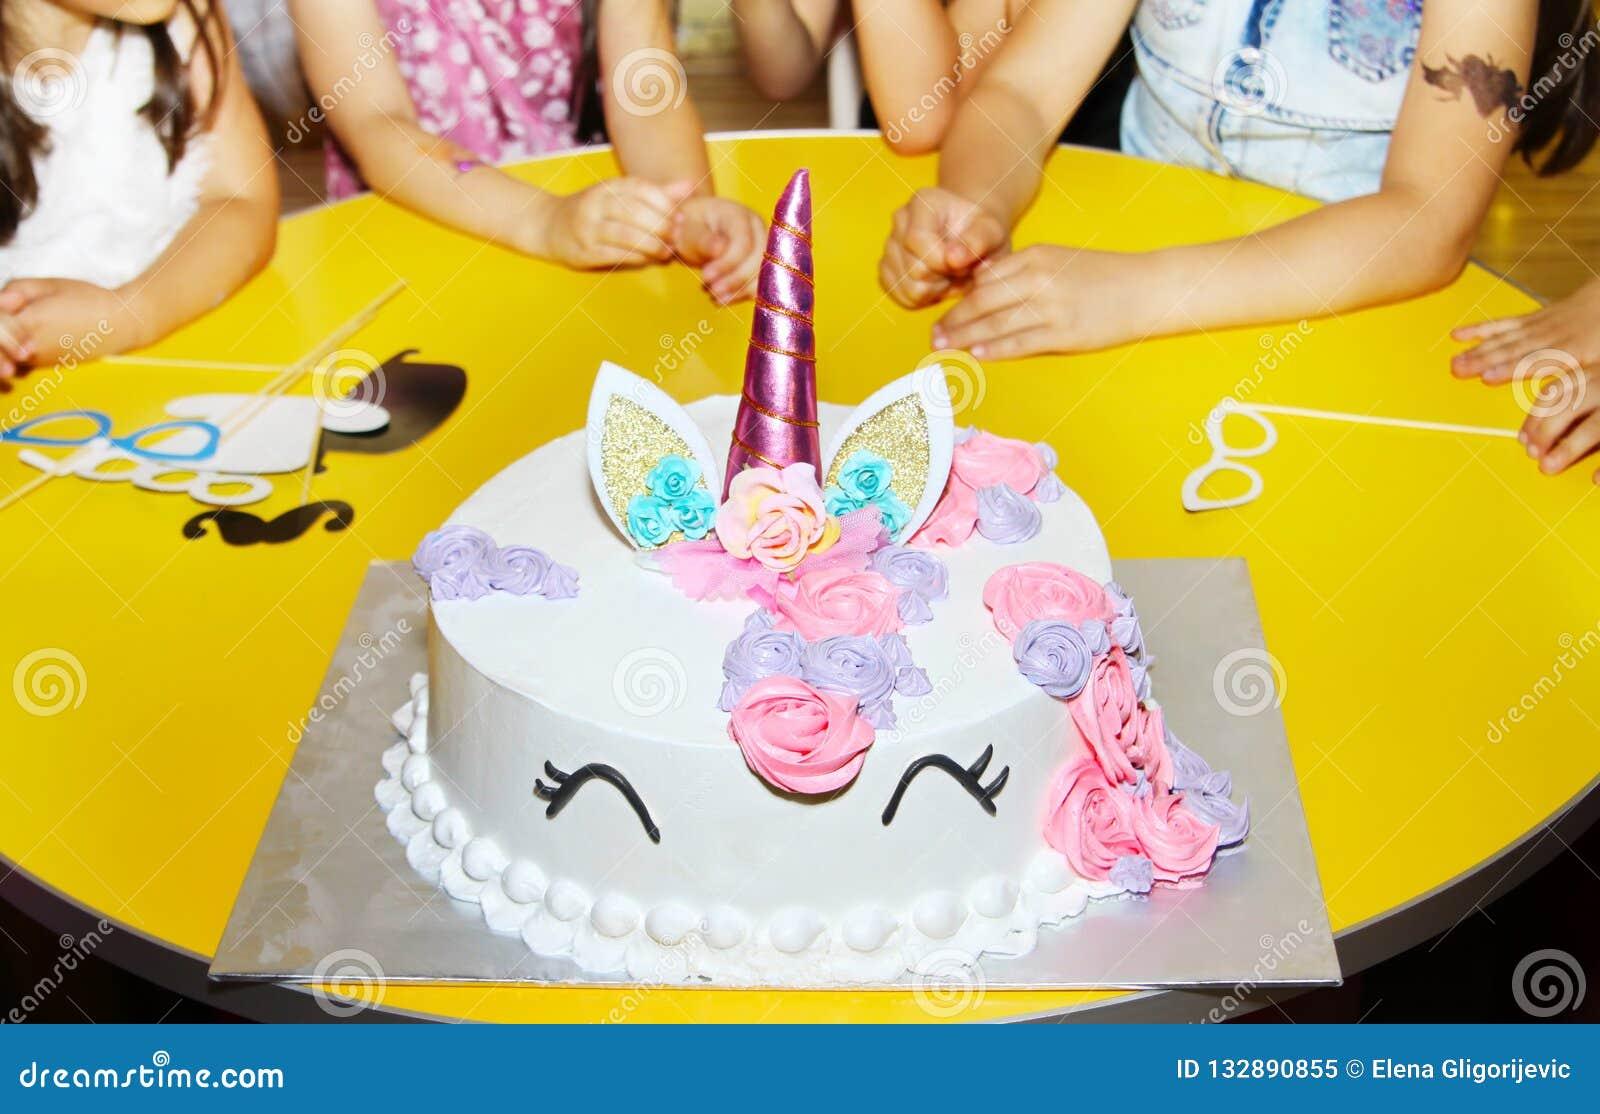 Tabla de la fiesta de cumpleaños de las niñas con la torta del unicornio